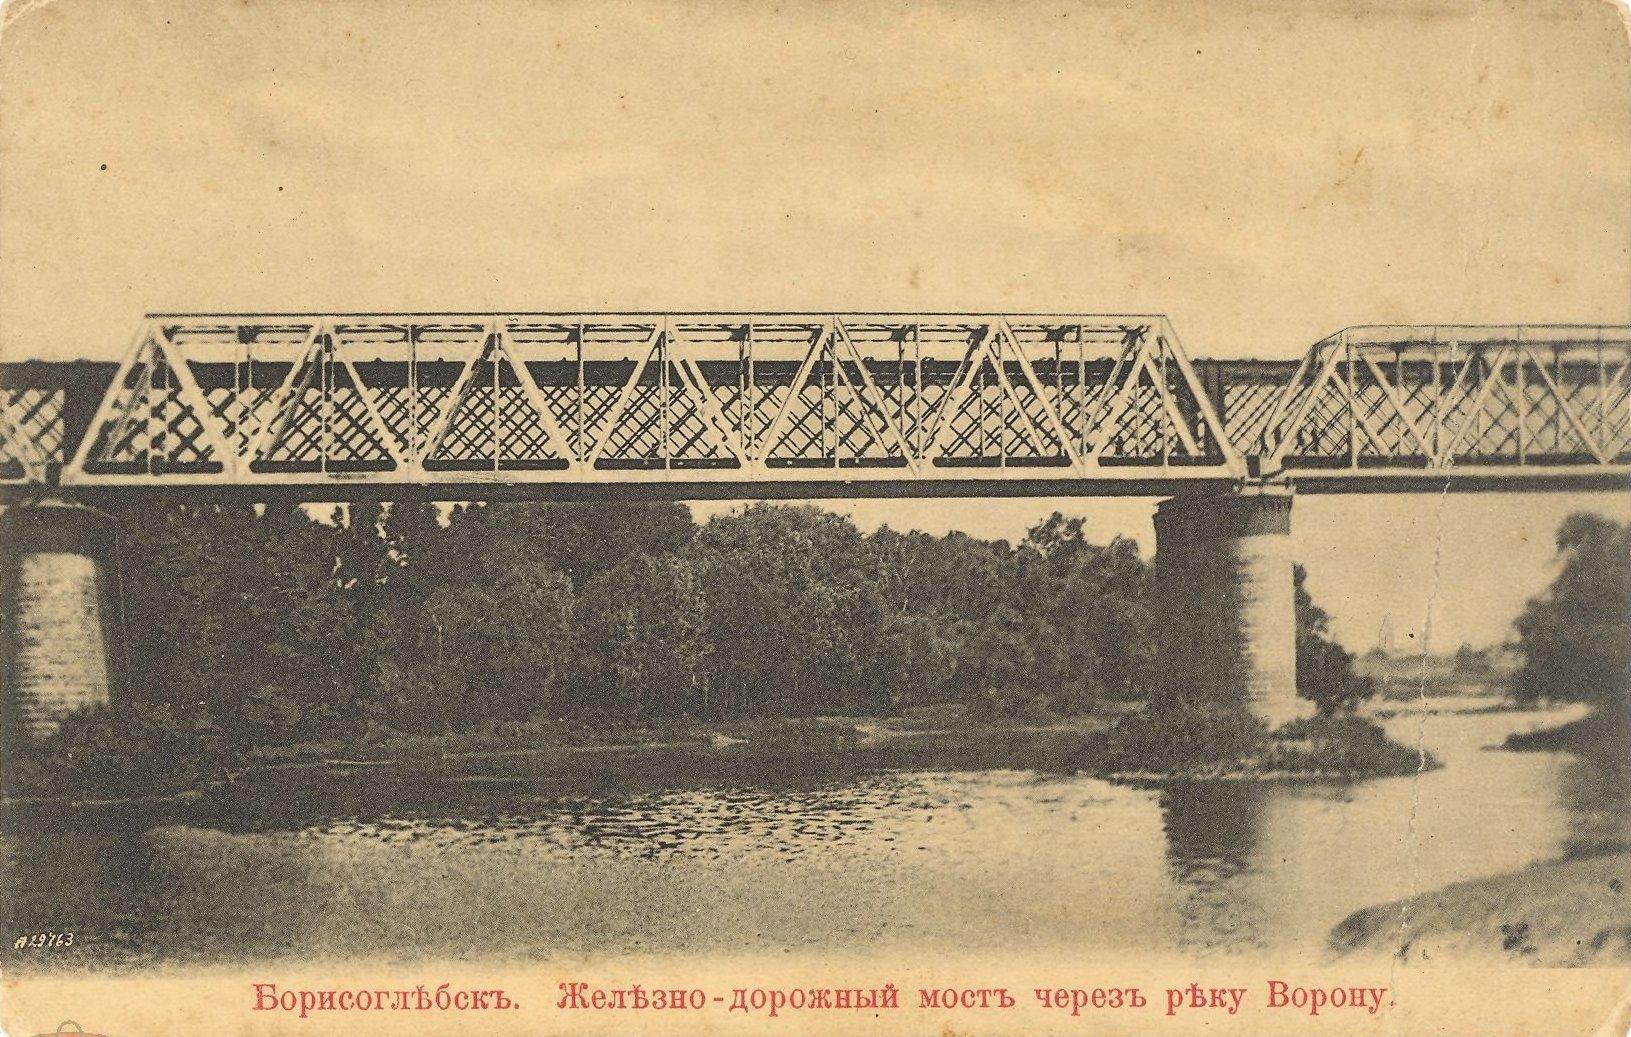 Железнодорожный мост через реку Ворону